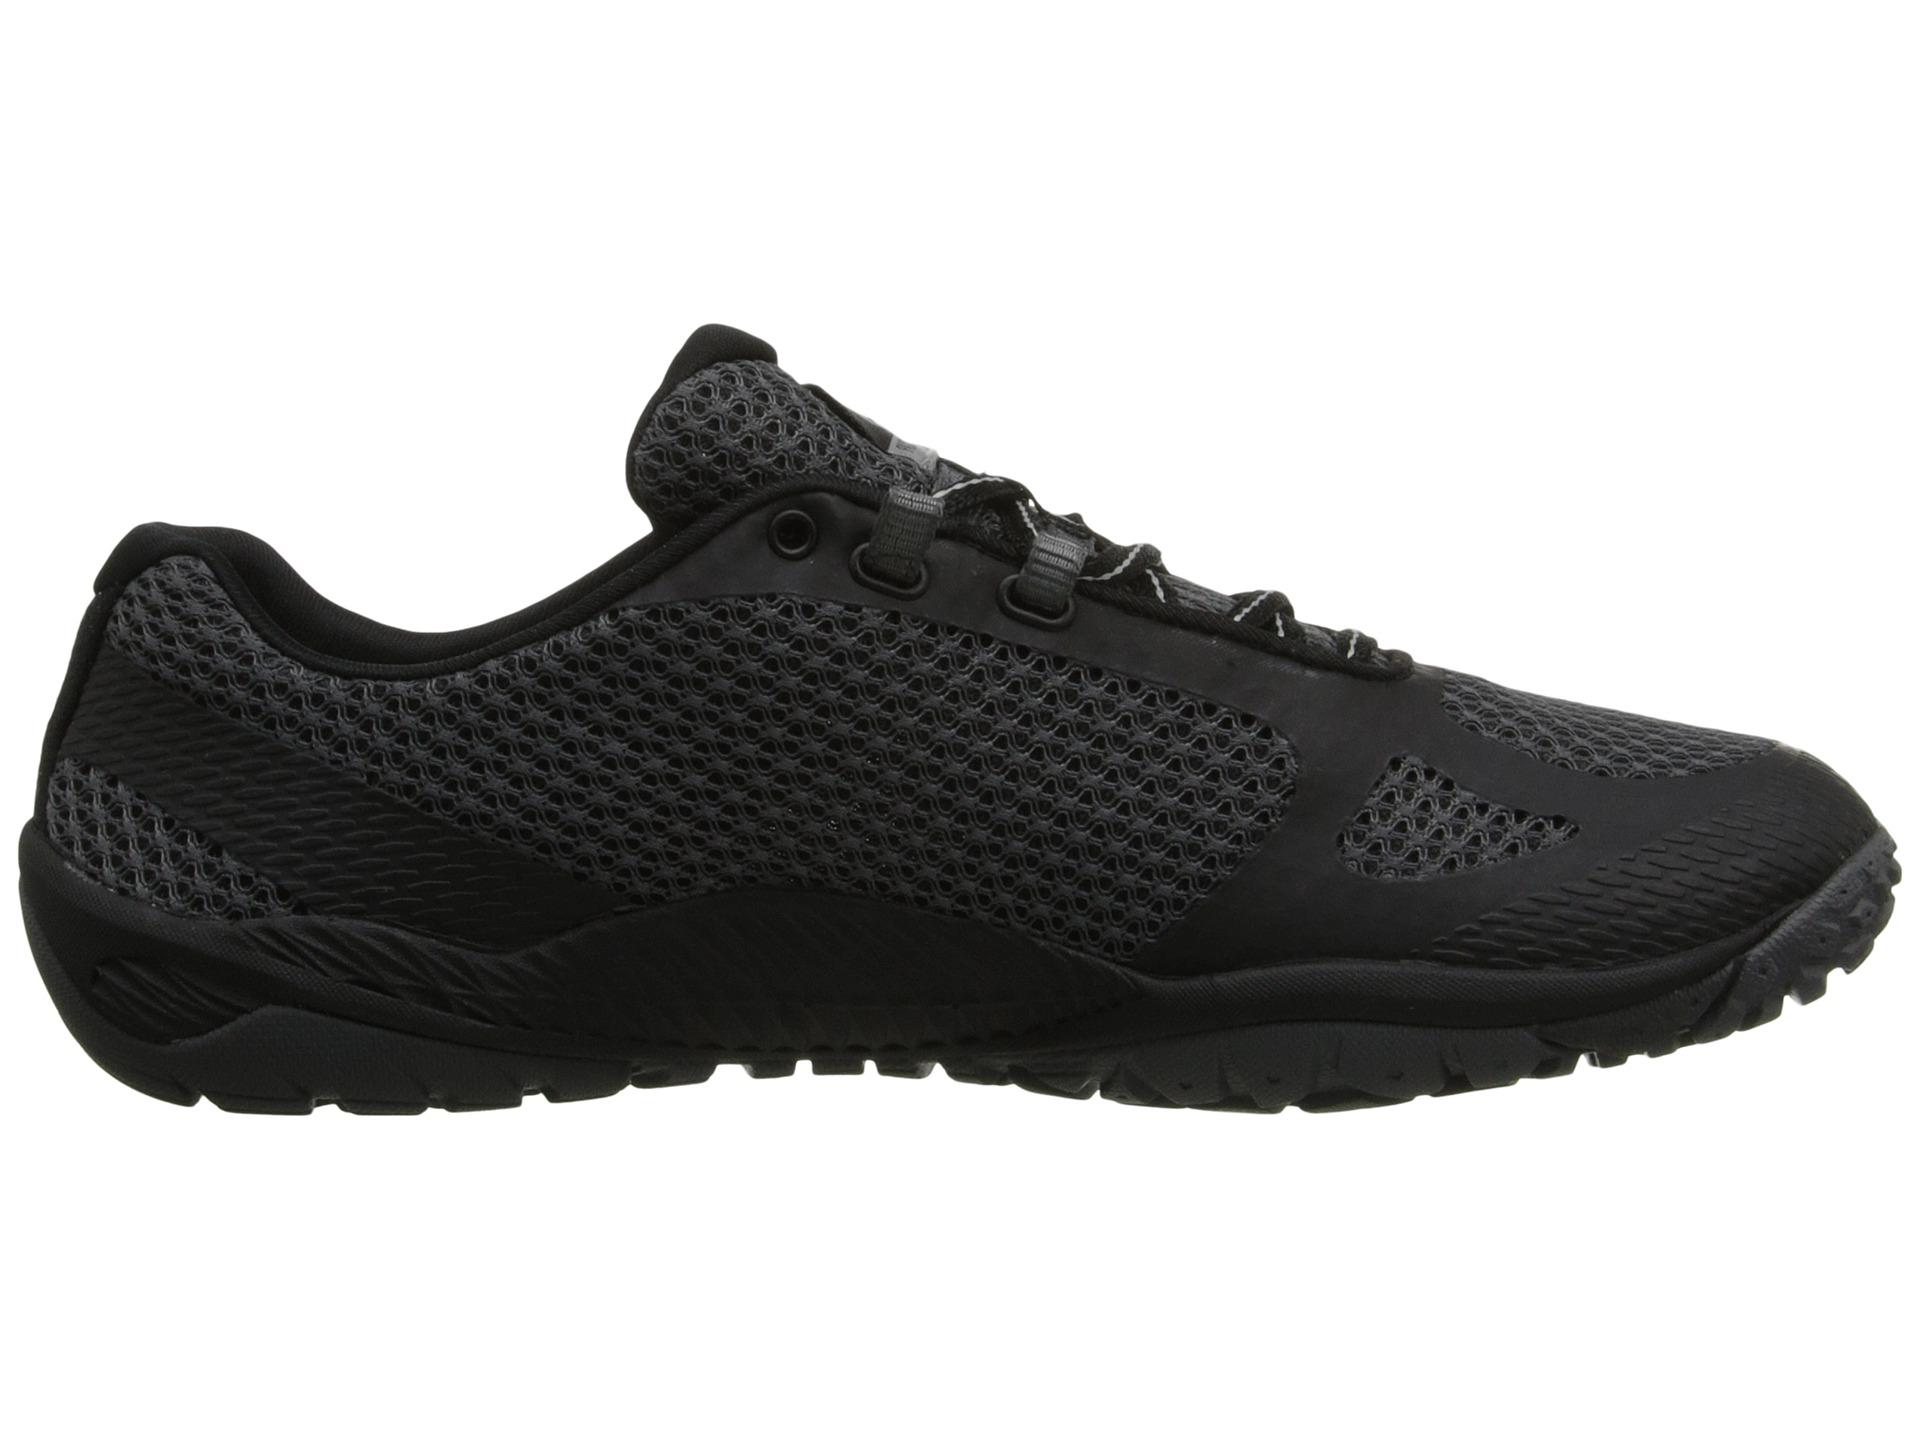 Zappos Merrels Mens Shoes